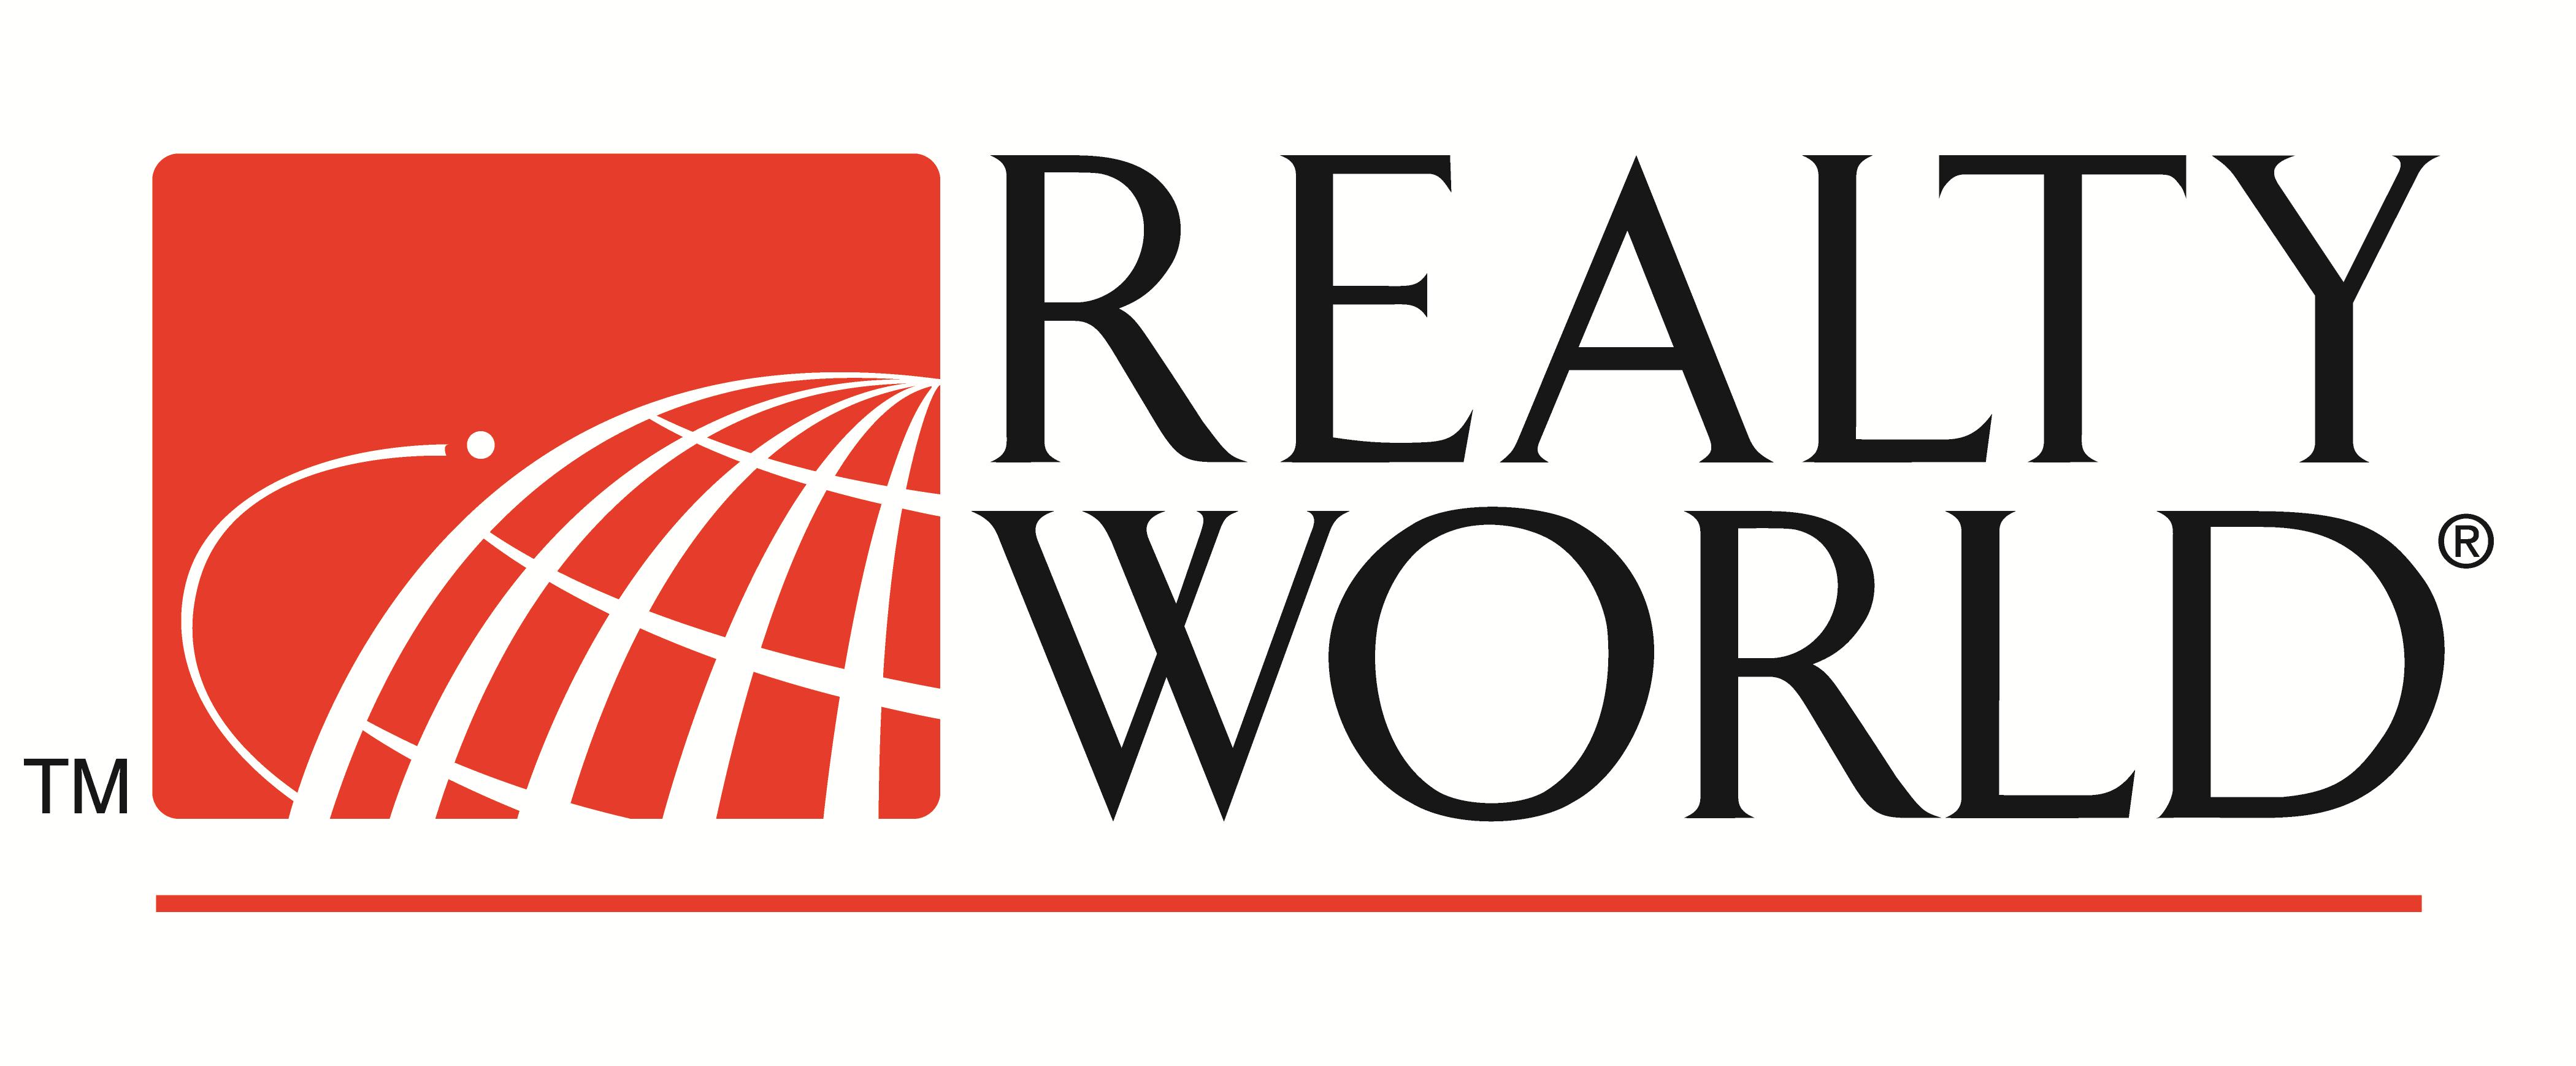 Realty World Regency Home Values